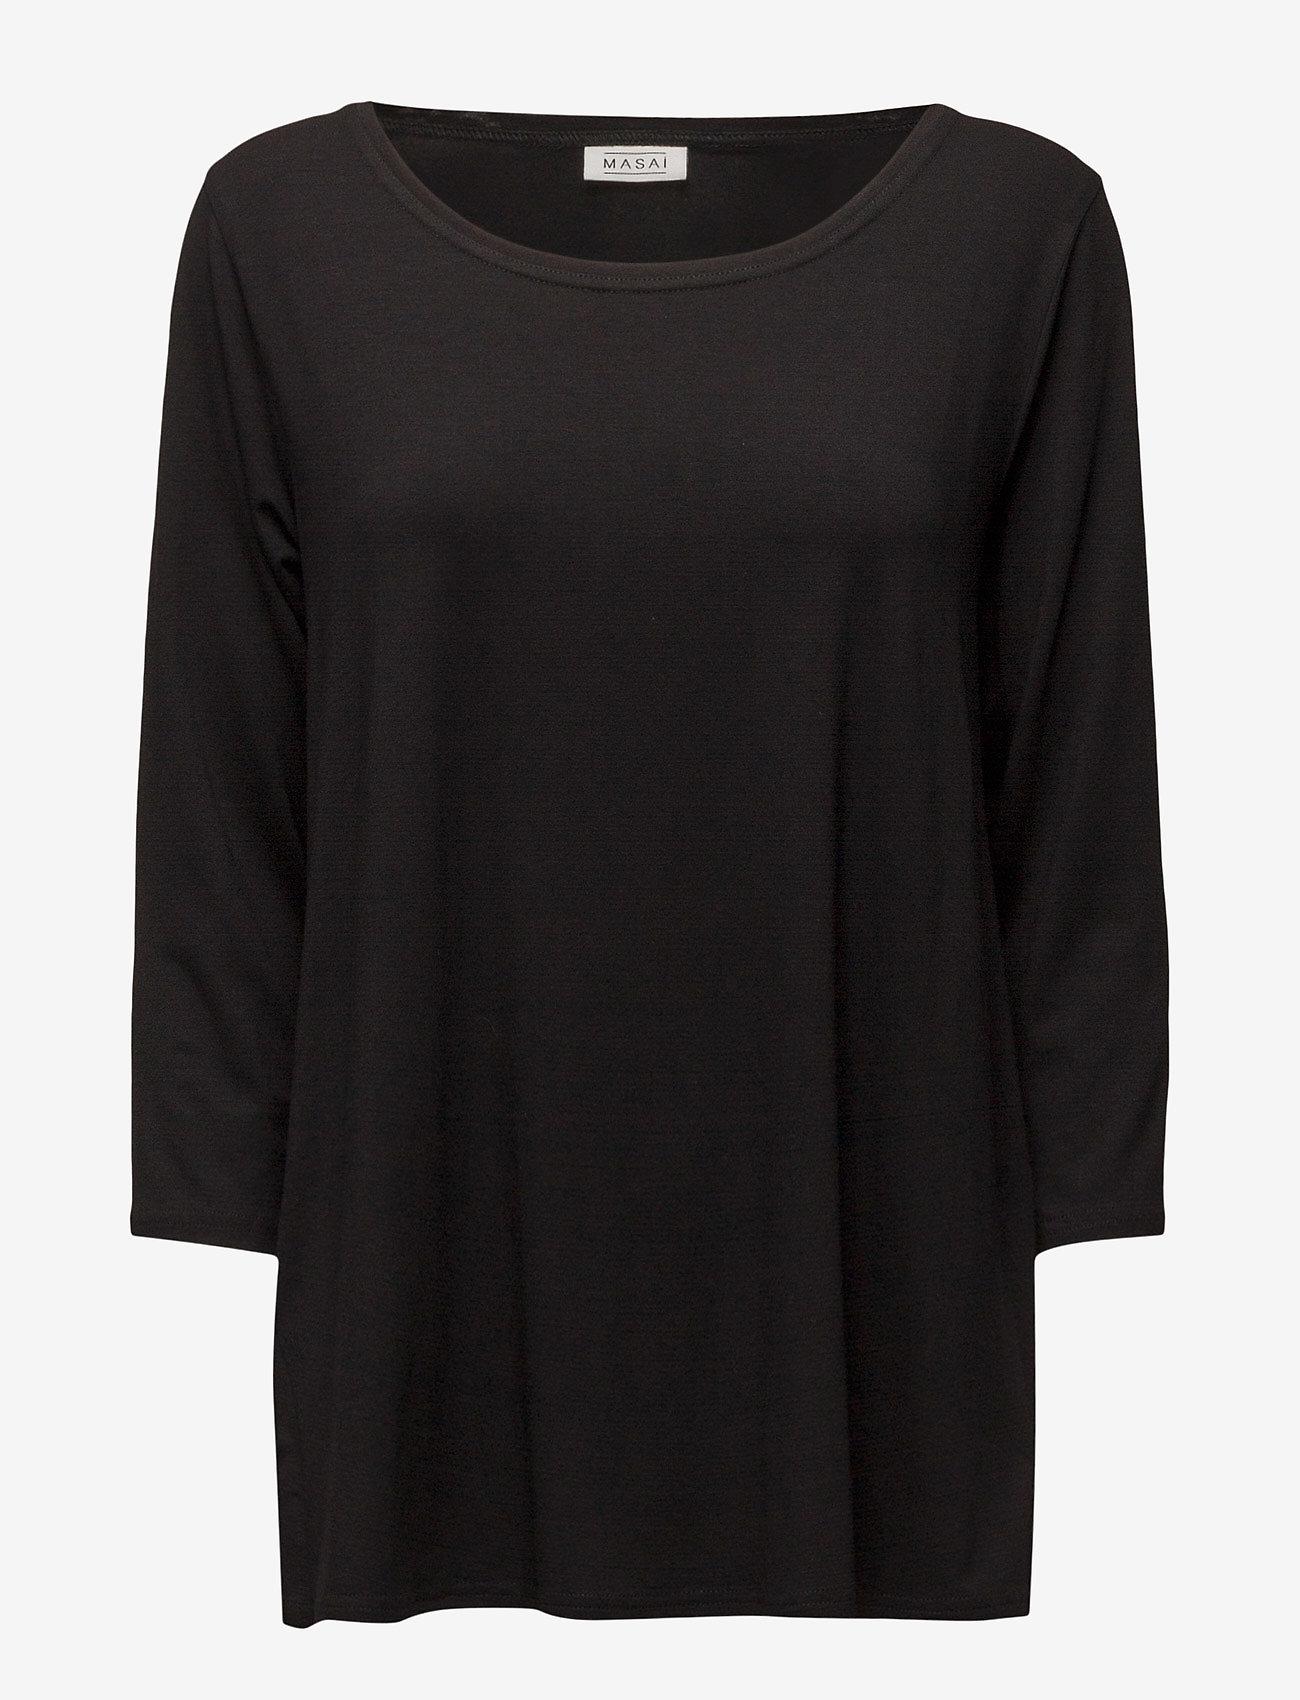 Masai - Cilla - topy z długimi rękawami - black - 0